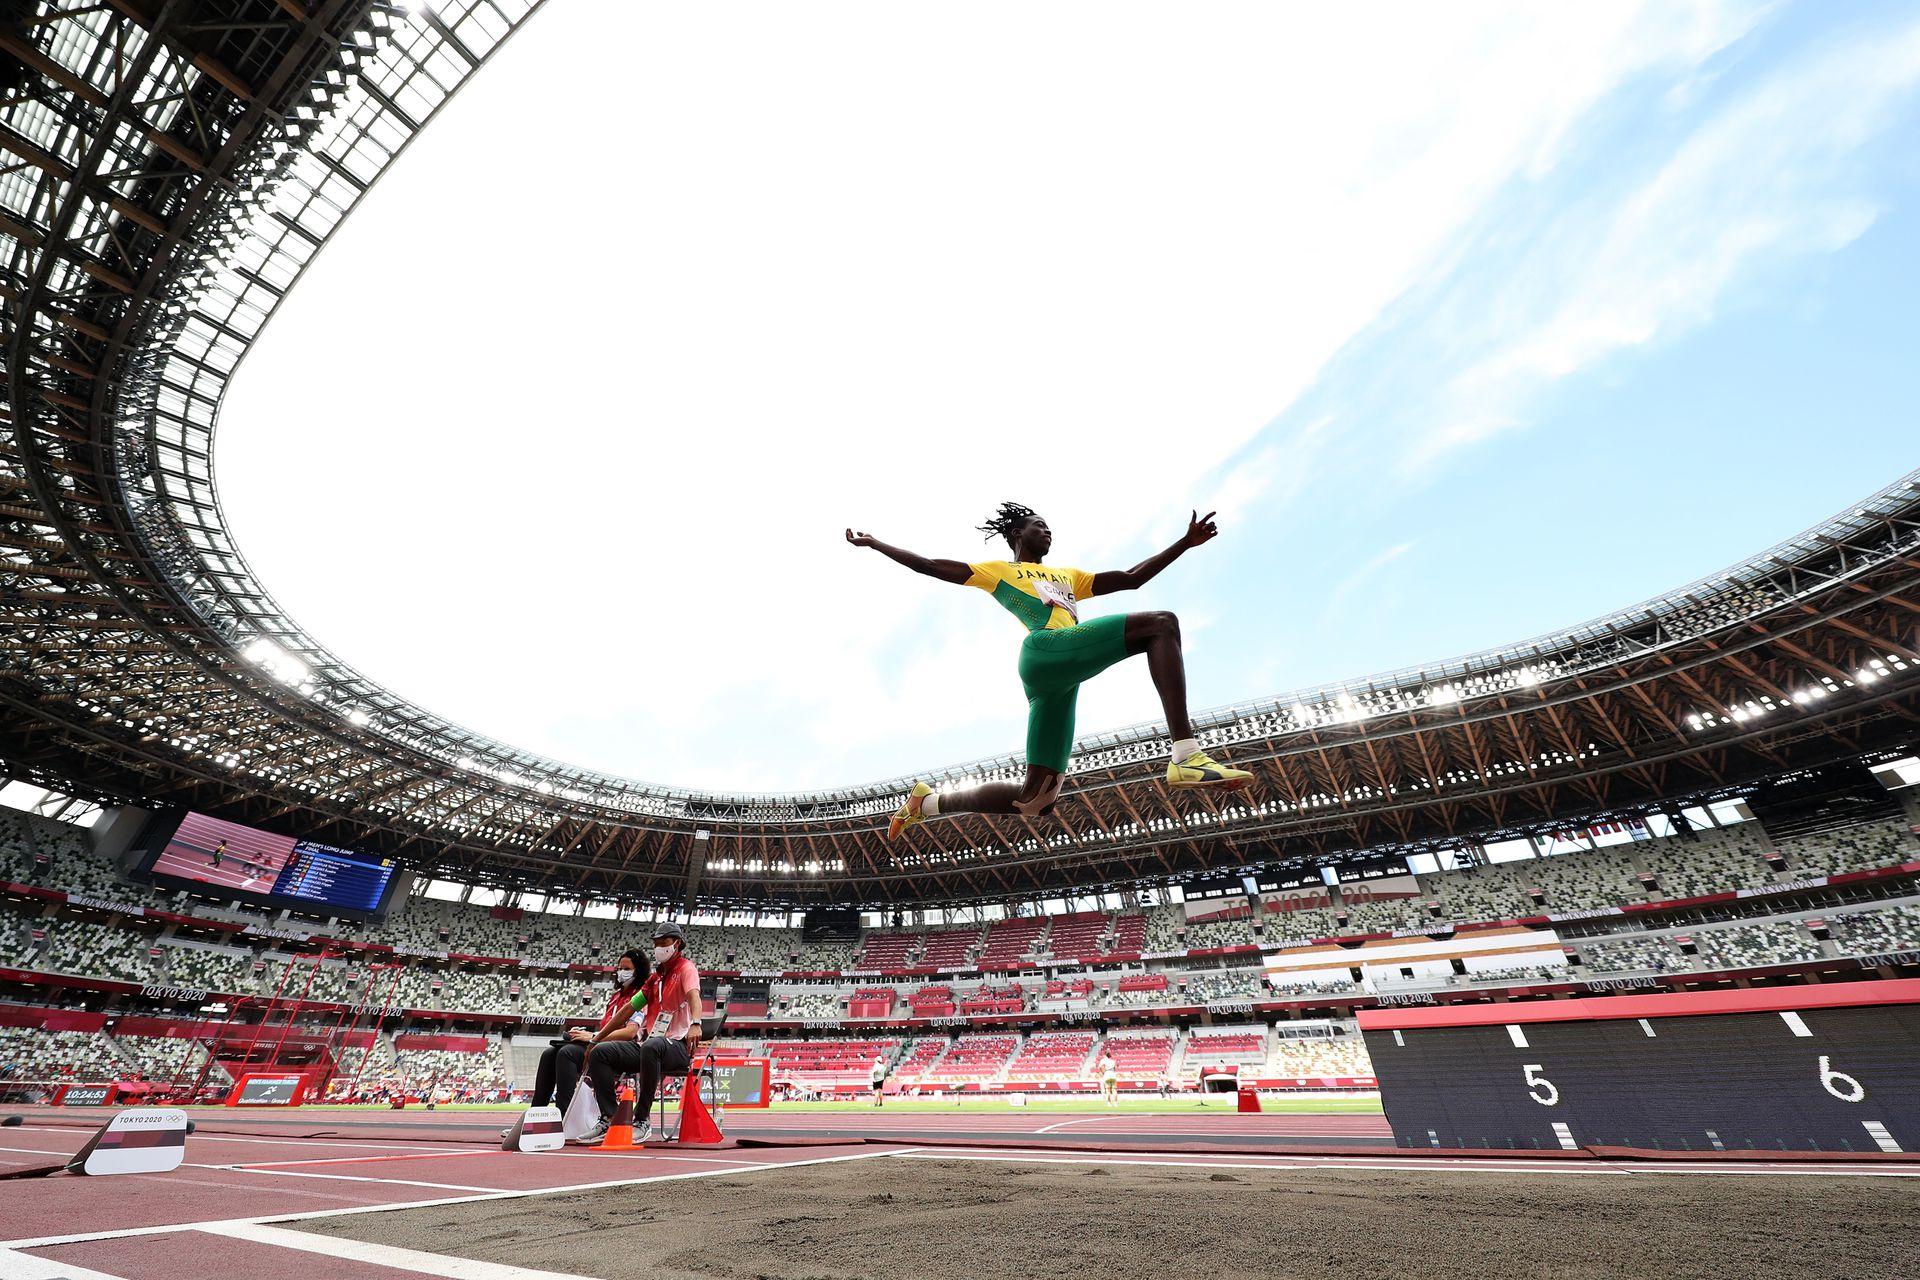 Tajay Gayle, de Jamaica, fue undécimo en la final masculina de salto en largo